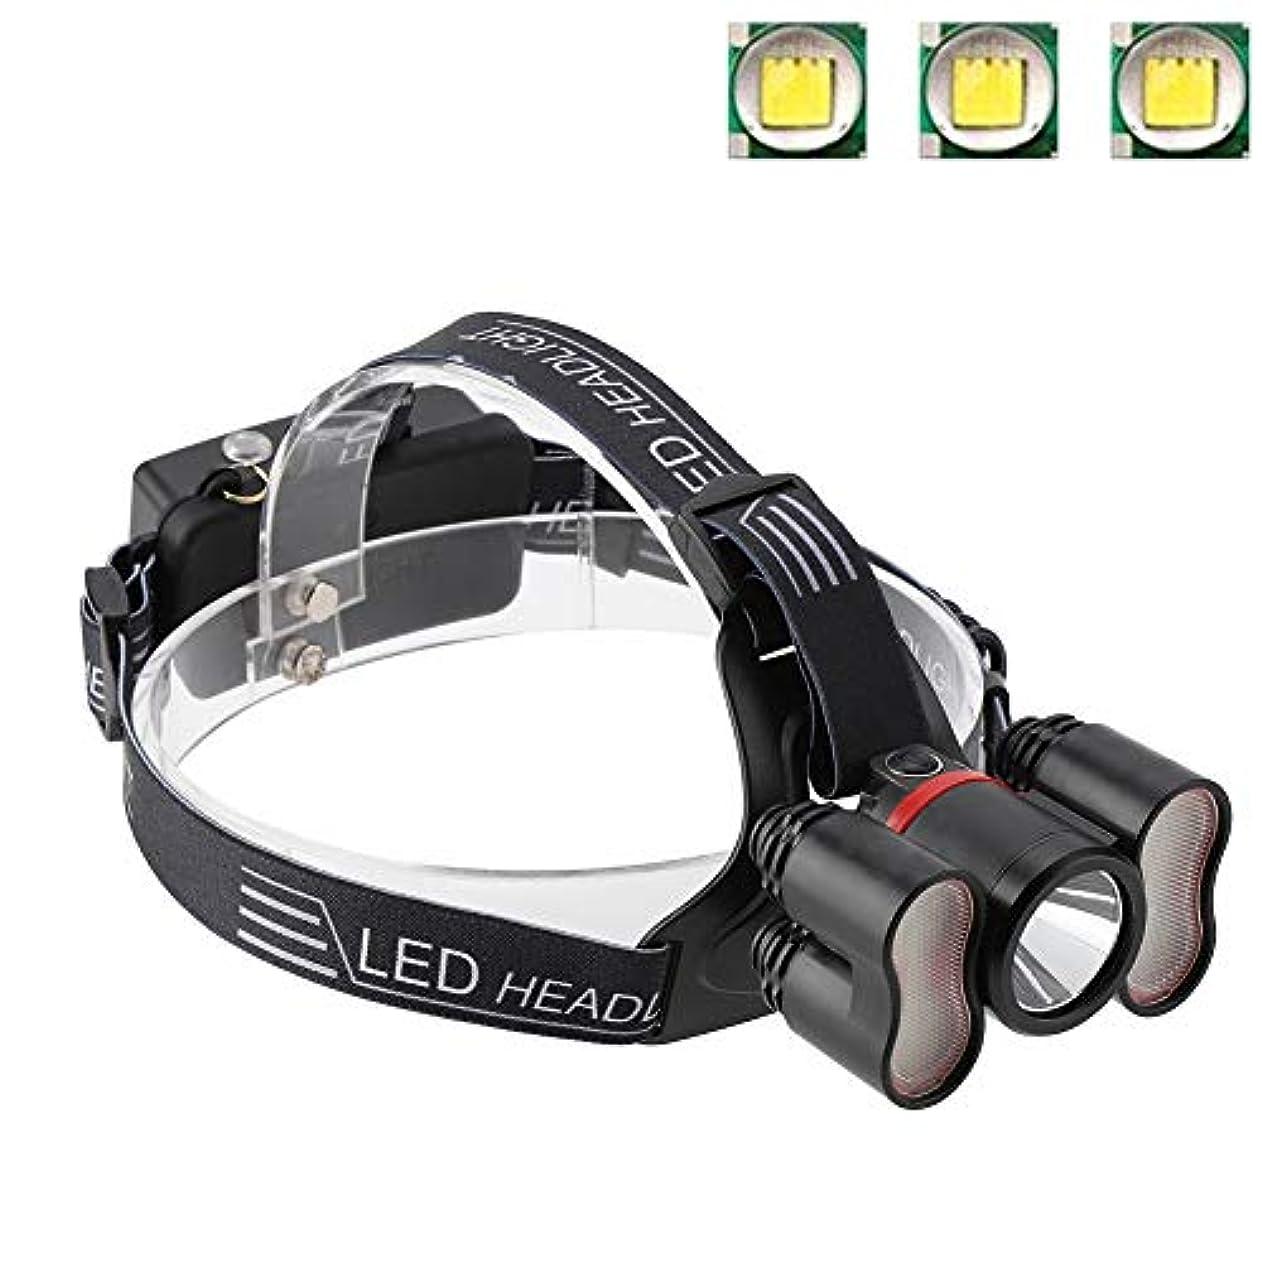 公園符号マイクロフォンヘッドライト懐中電灯、2000LMヘッドライト18650 LED USB充電式防水トラベルヘッドトーチキャンプランプランニングハイキング釣りに適して(#1)